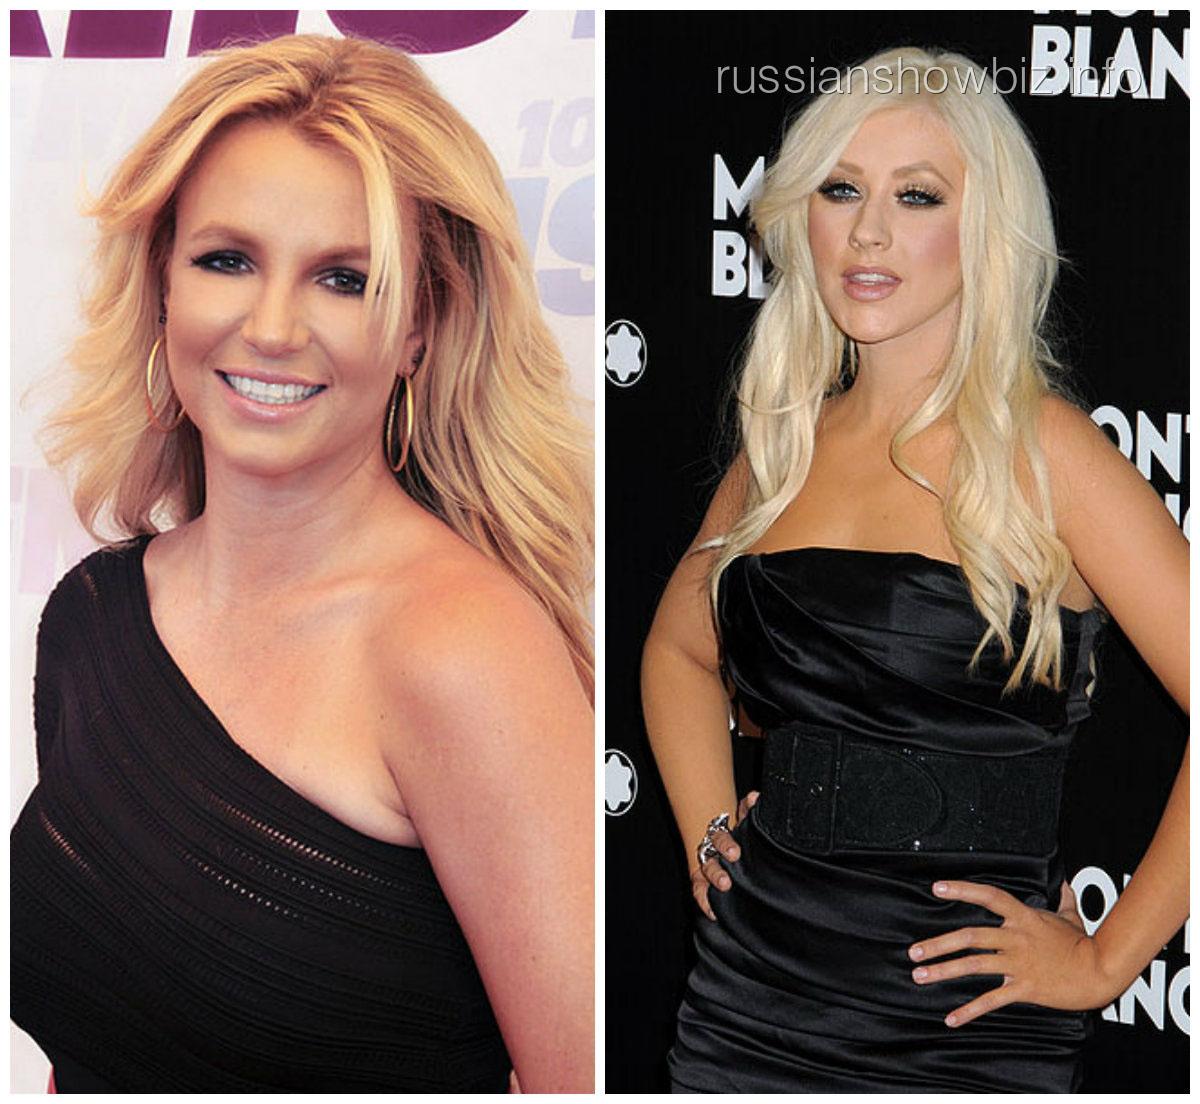 Бритни Спирс и Кристина Агилера